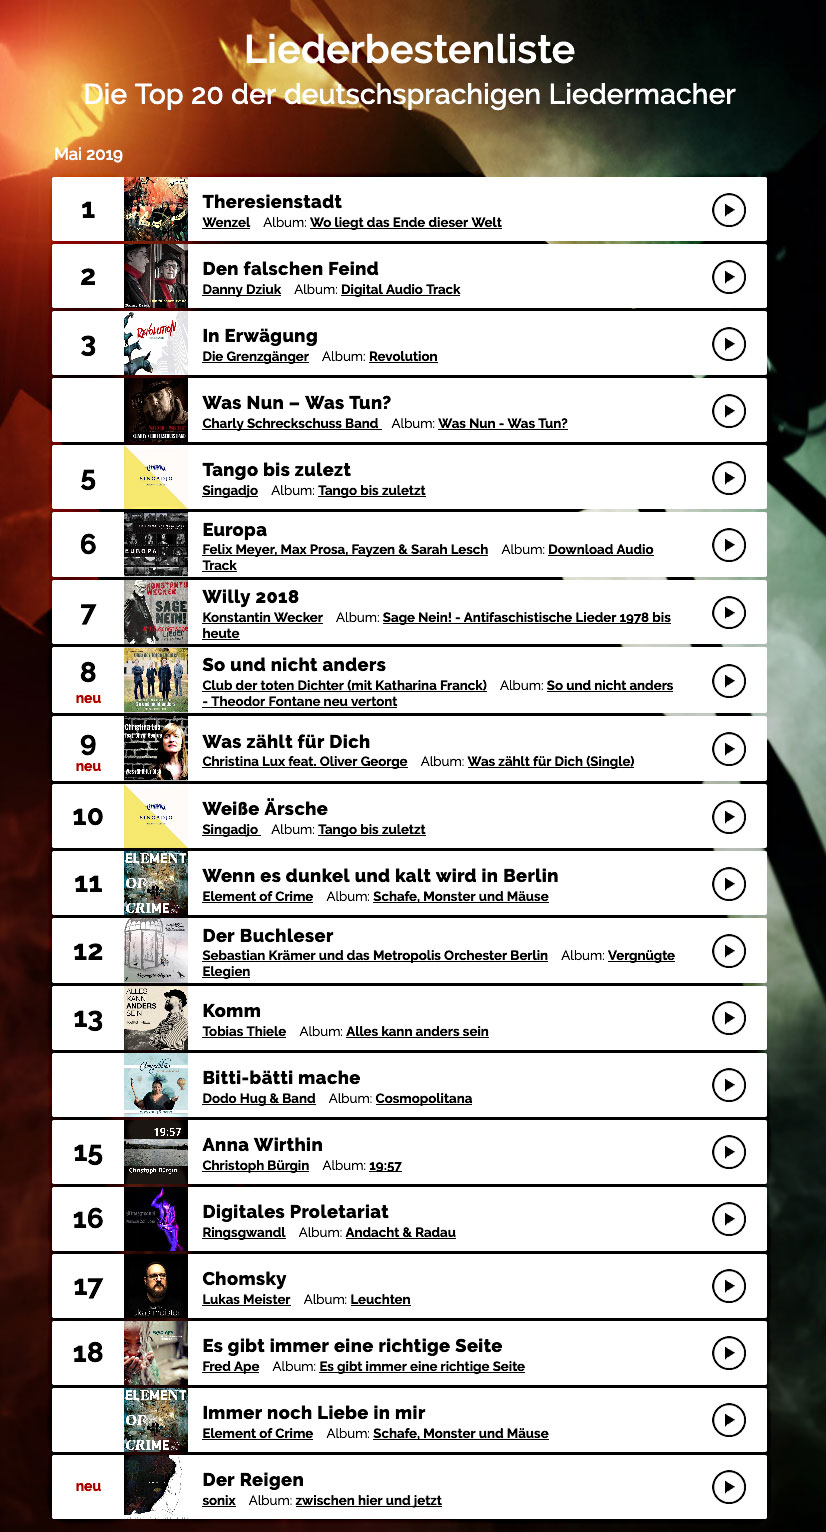 Liederbestenliste www.liederbestenliste.de